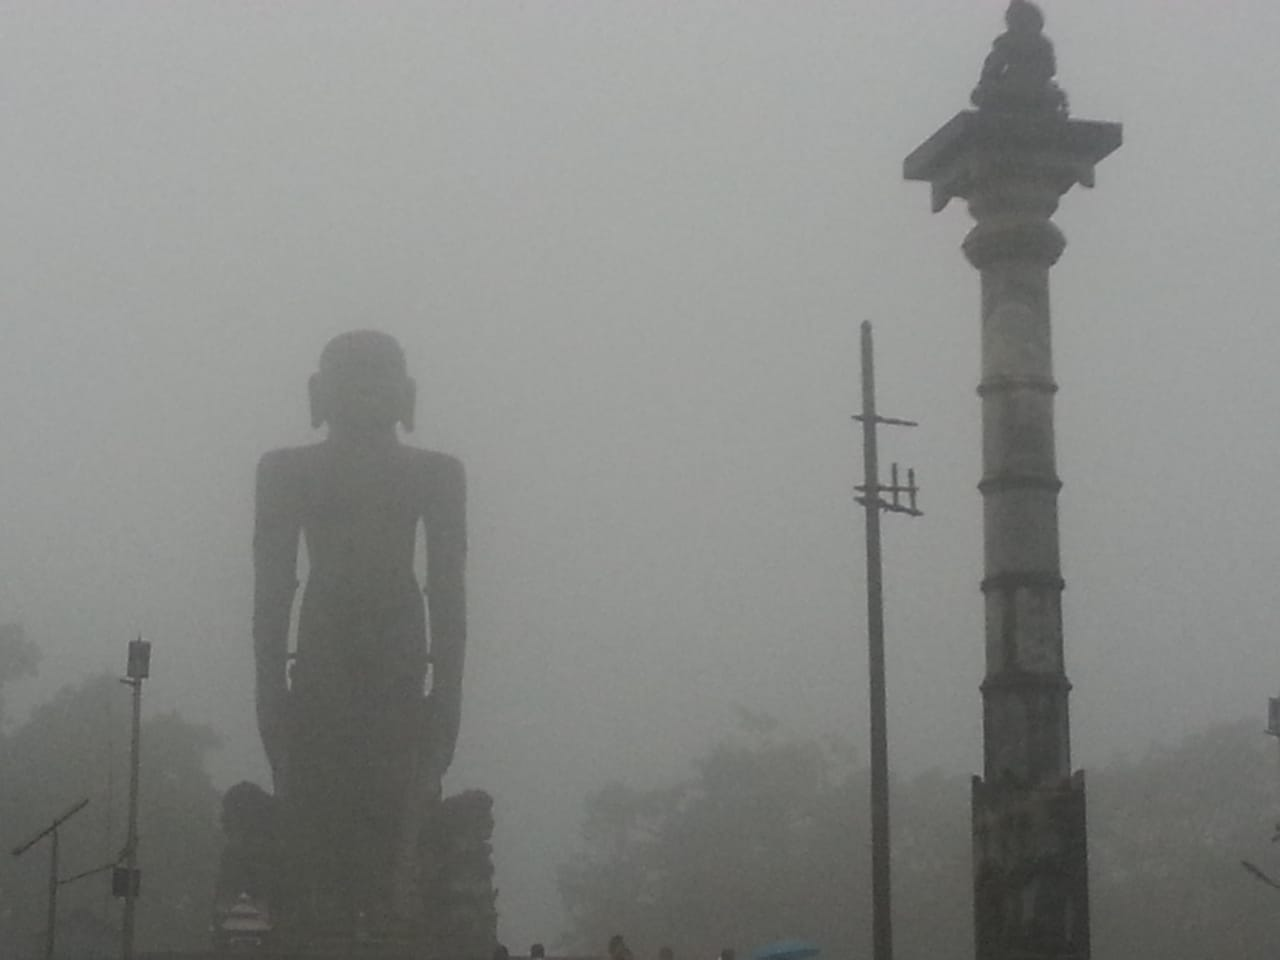 மழைக்குள் பாகுபலி, தர்மஸ்தலா